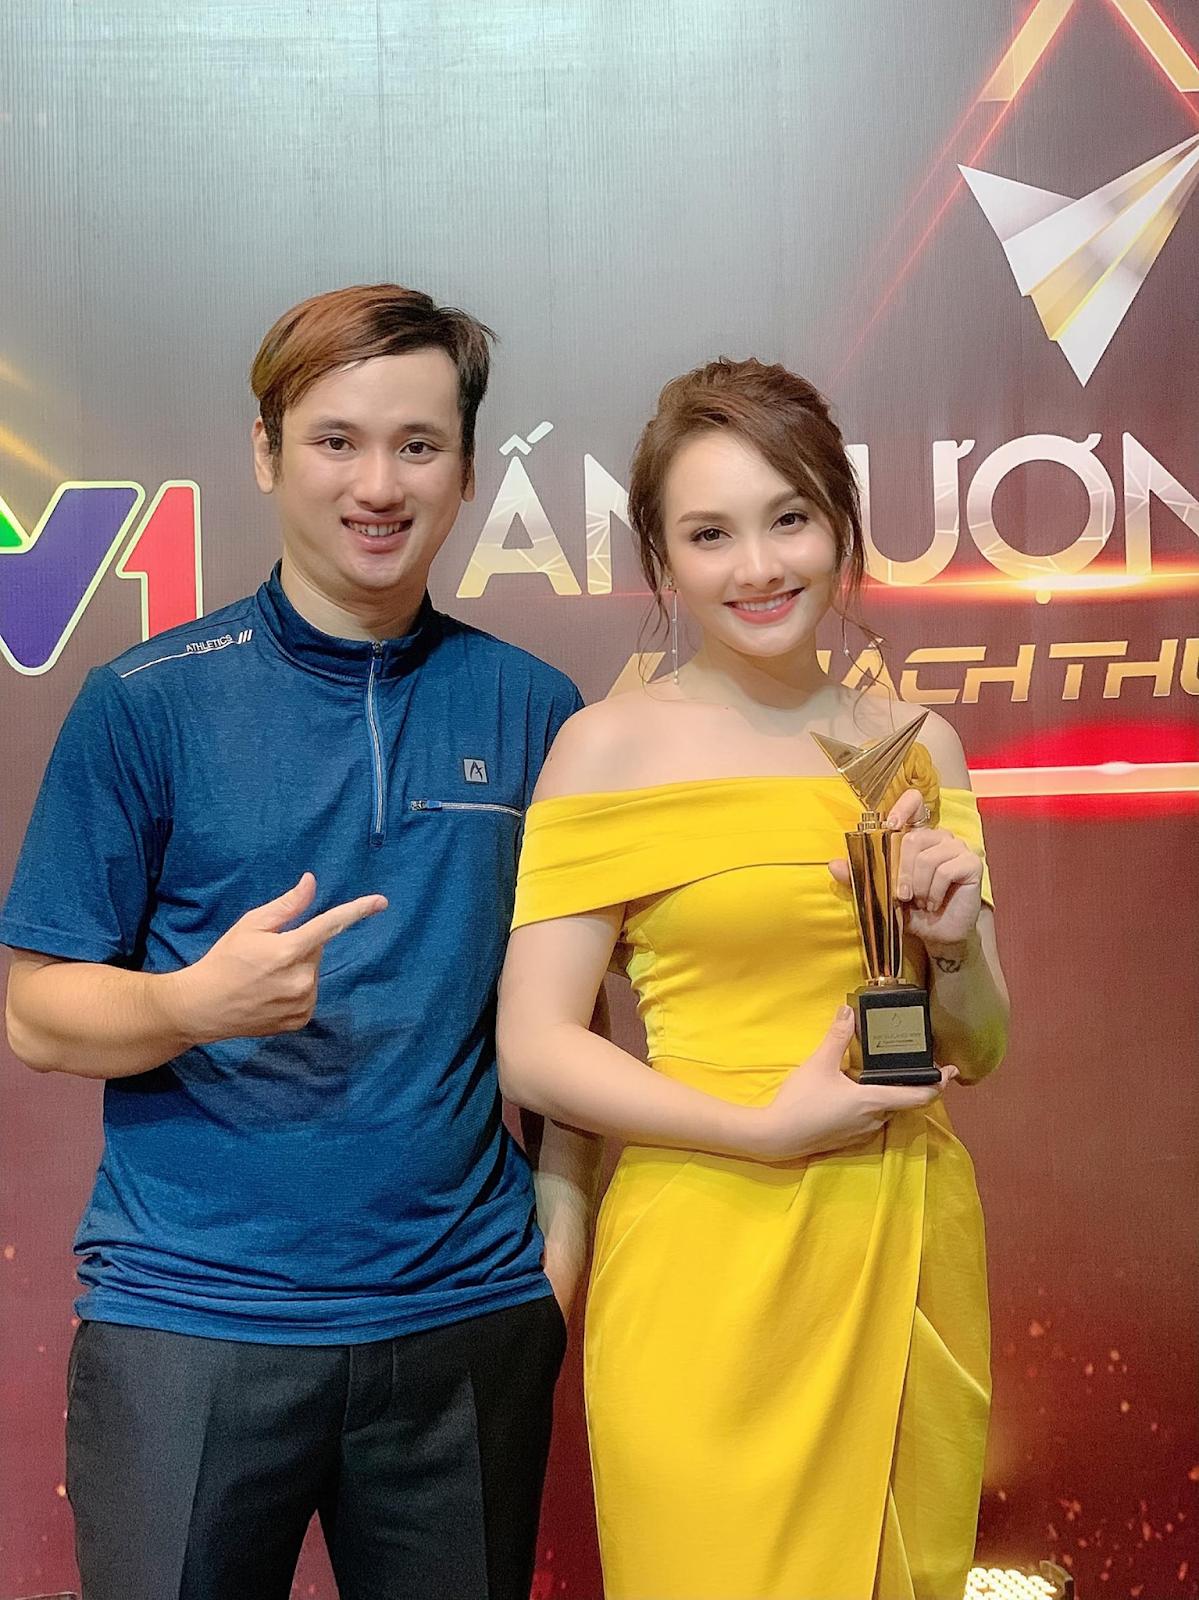 Phạm Cường chụp ảnh cùng diễn viên Bảo Thanh.